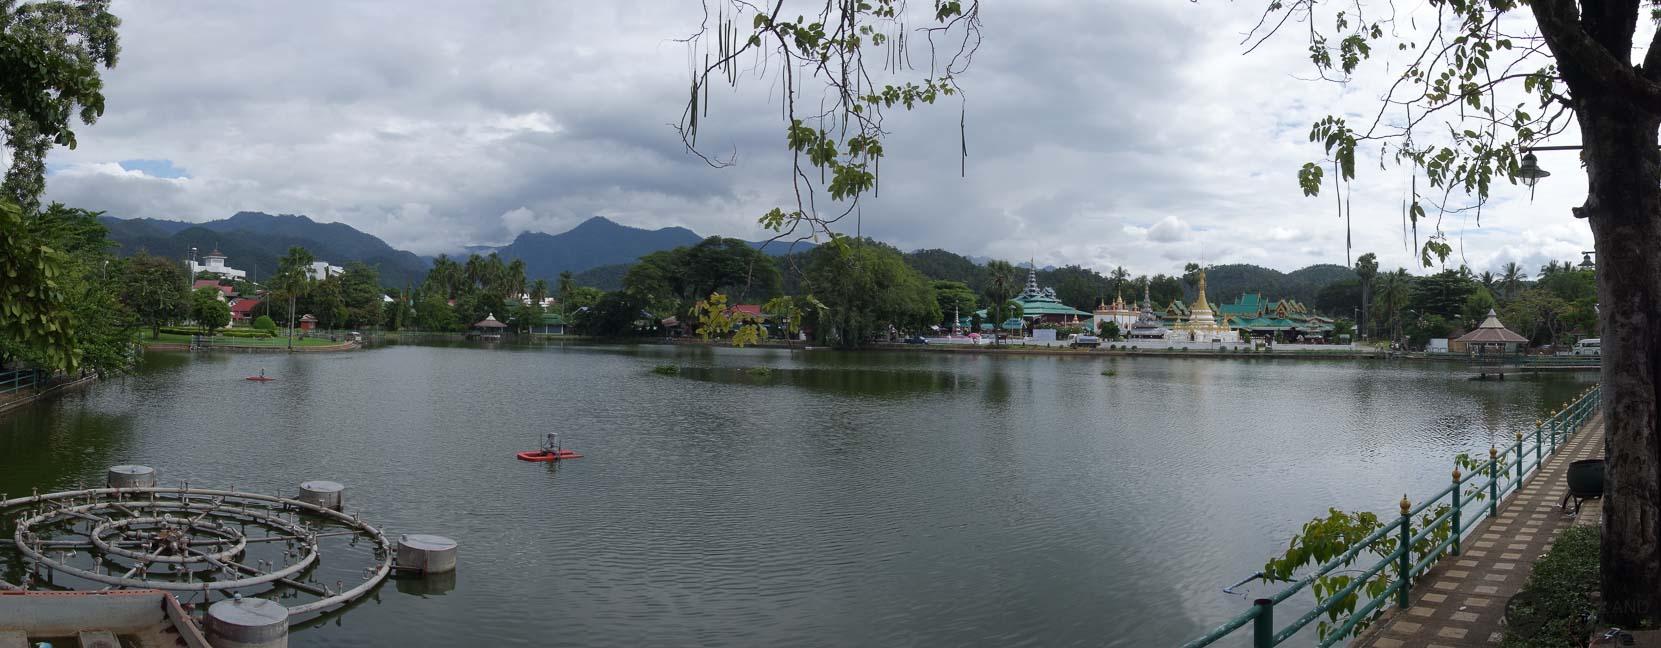 Ein wunderschönes kleines Städtchin im Norden Thailands - Mae Hong Son und der Blick über den See